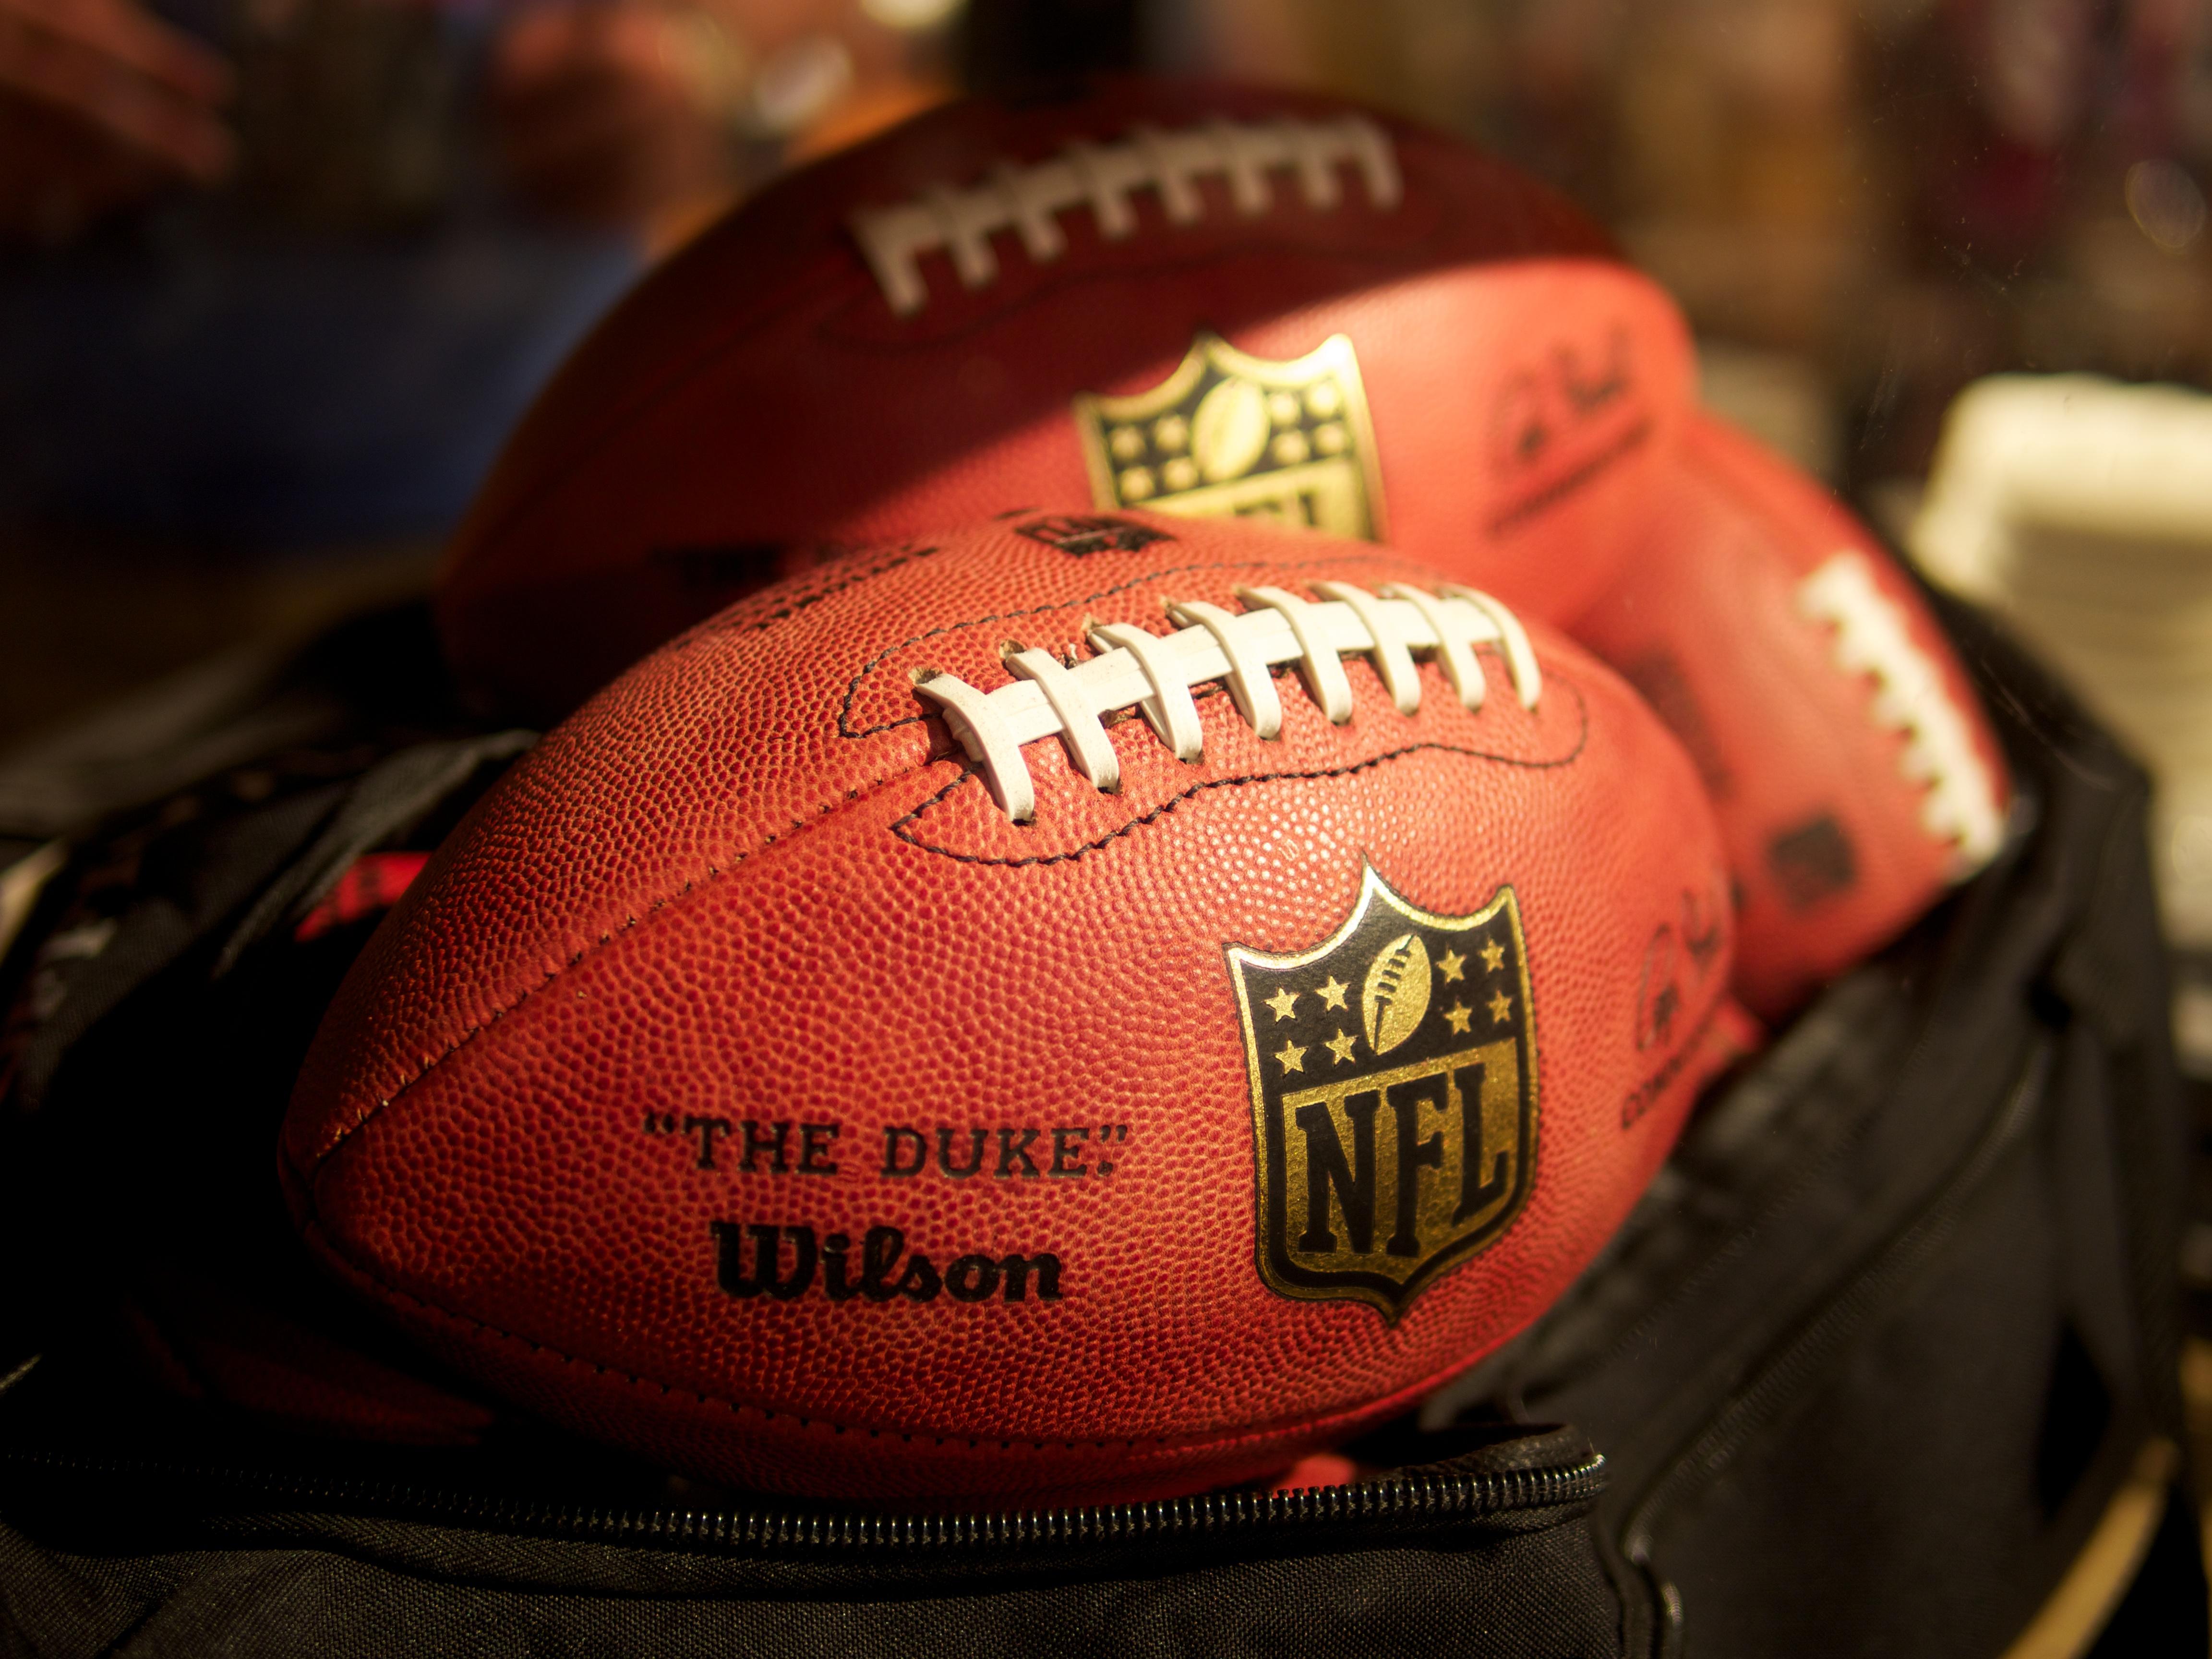 nfl football sports betting